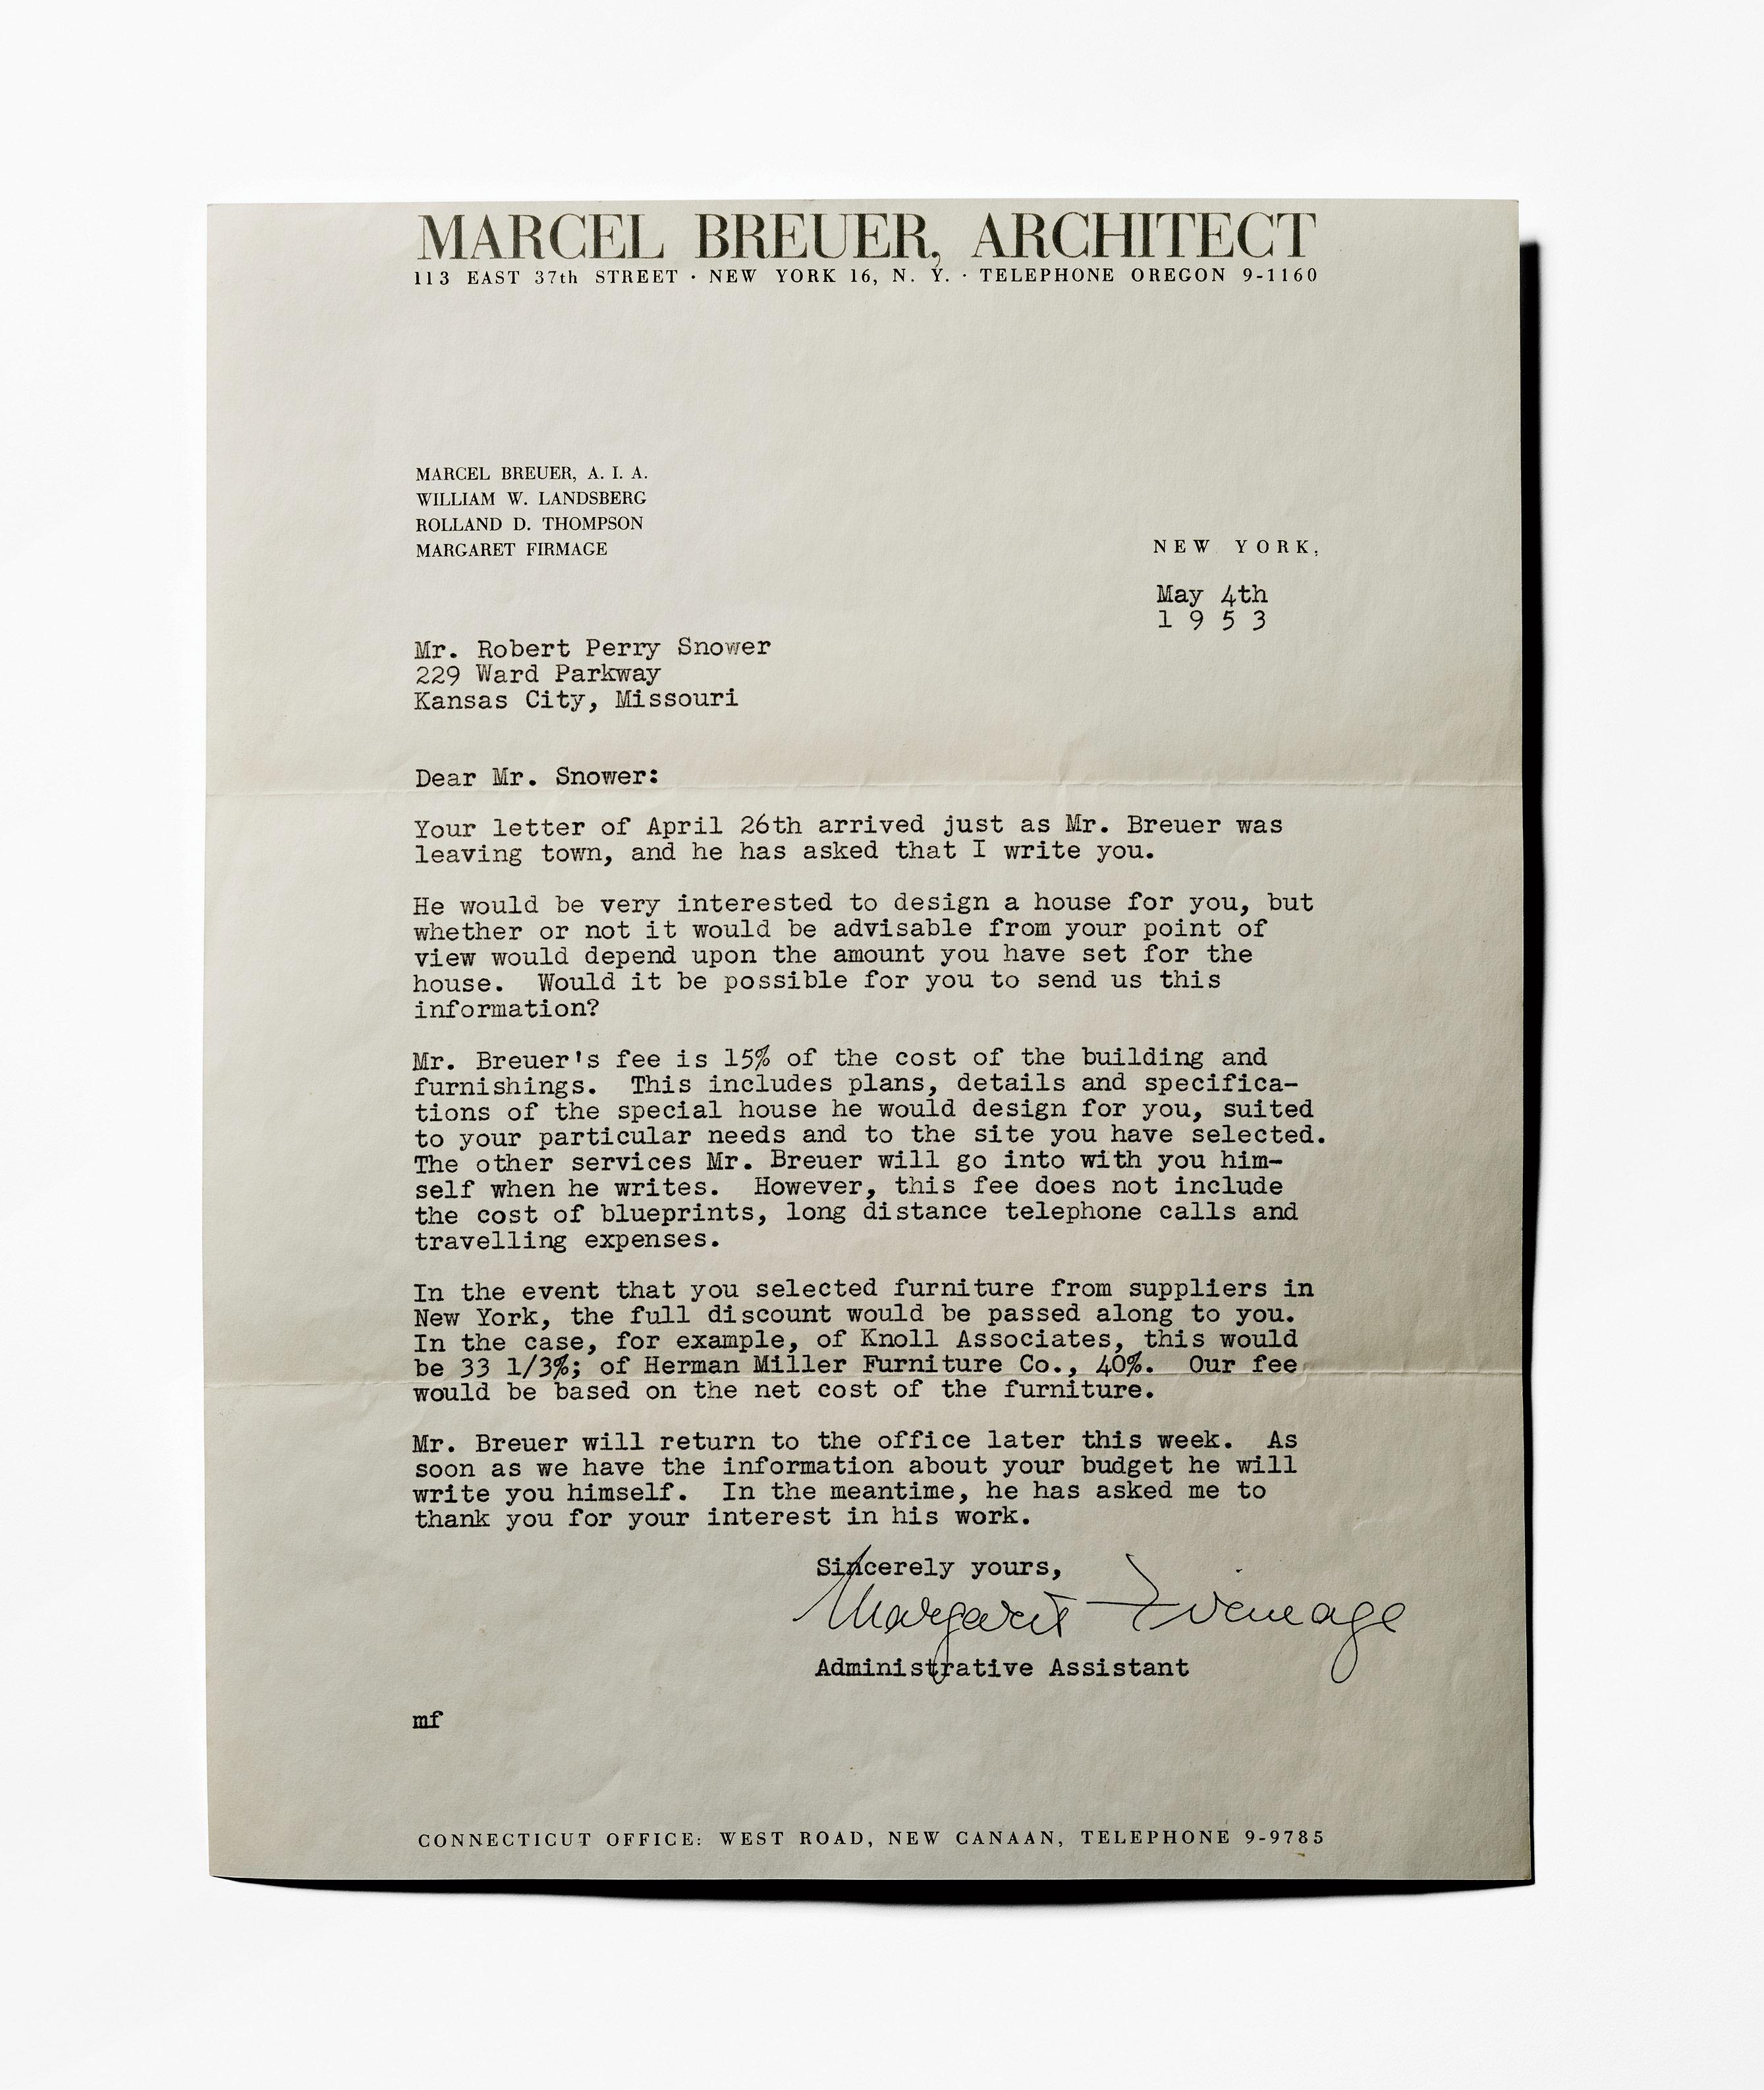 Letter from Marcel Breuer